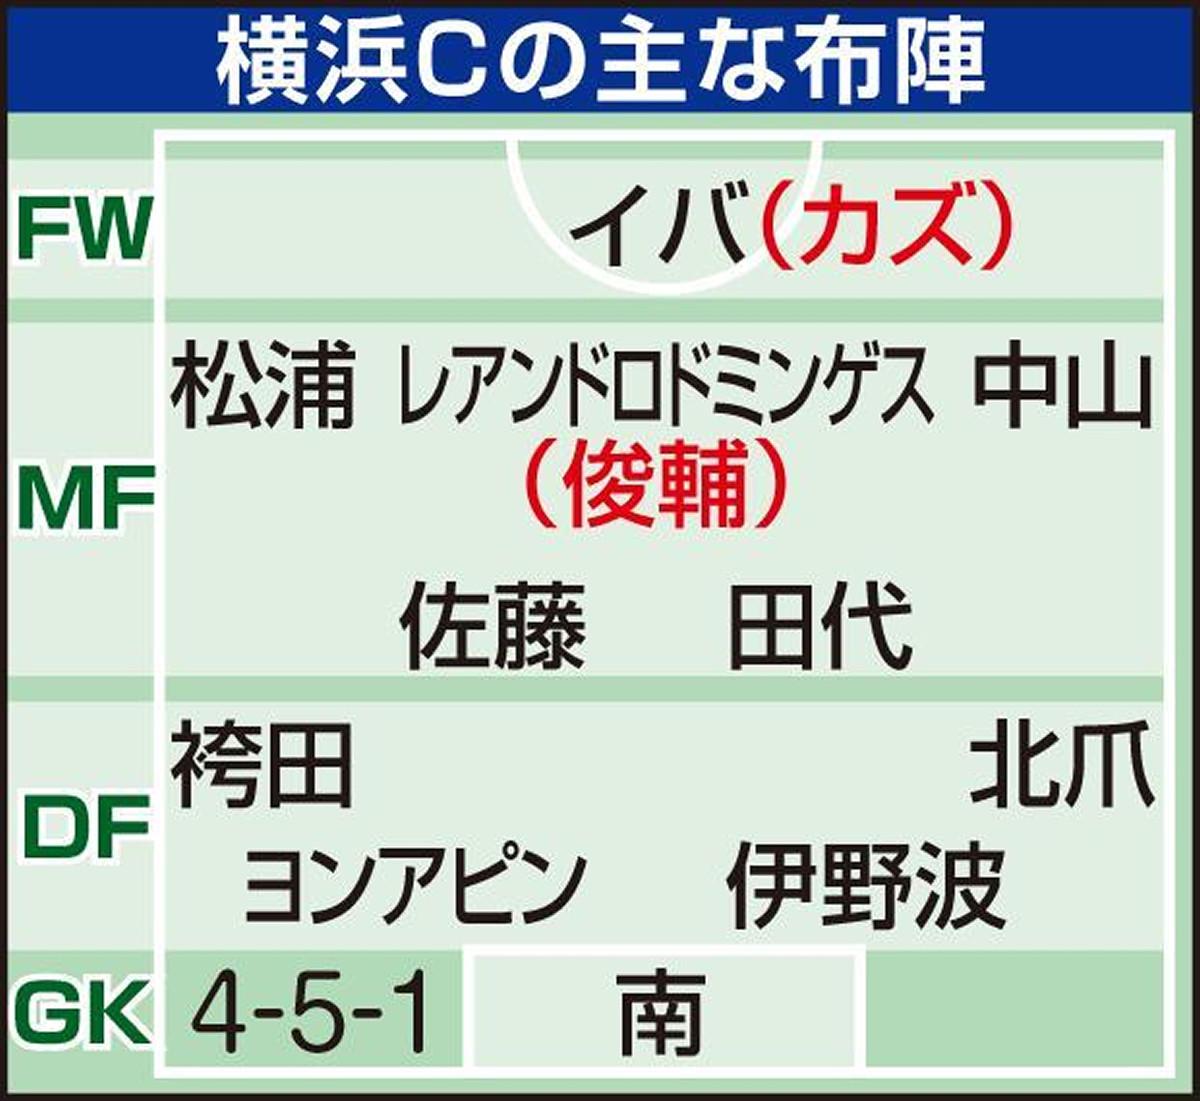 横浜Cの主な布陣